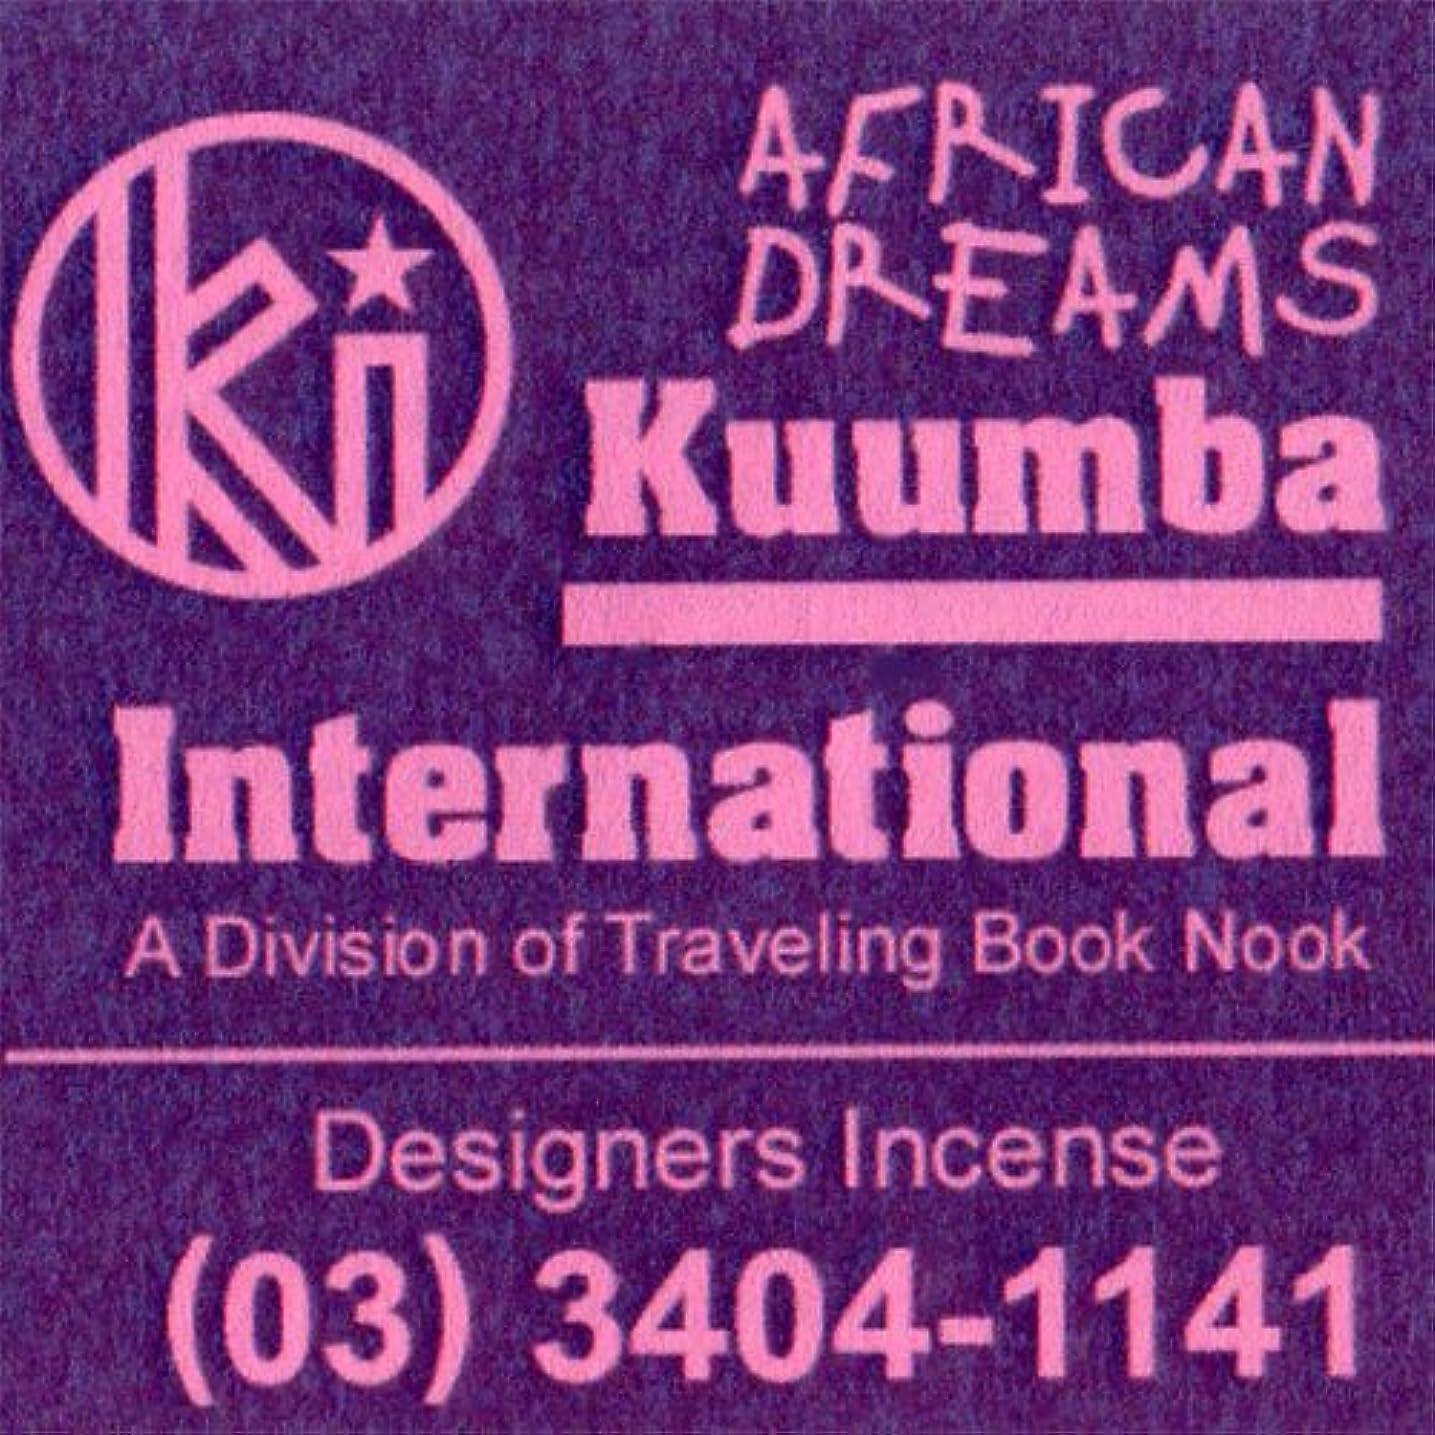 いつも文字ペースト(クンバ) KUUMBA『incense』(AFRICAN DREAMS) (Regular size)